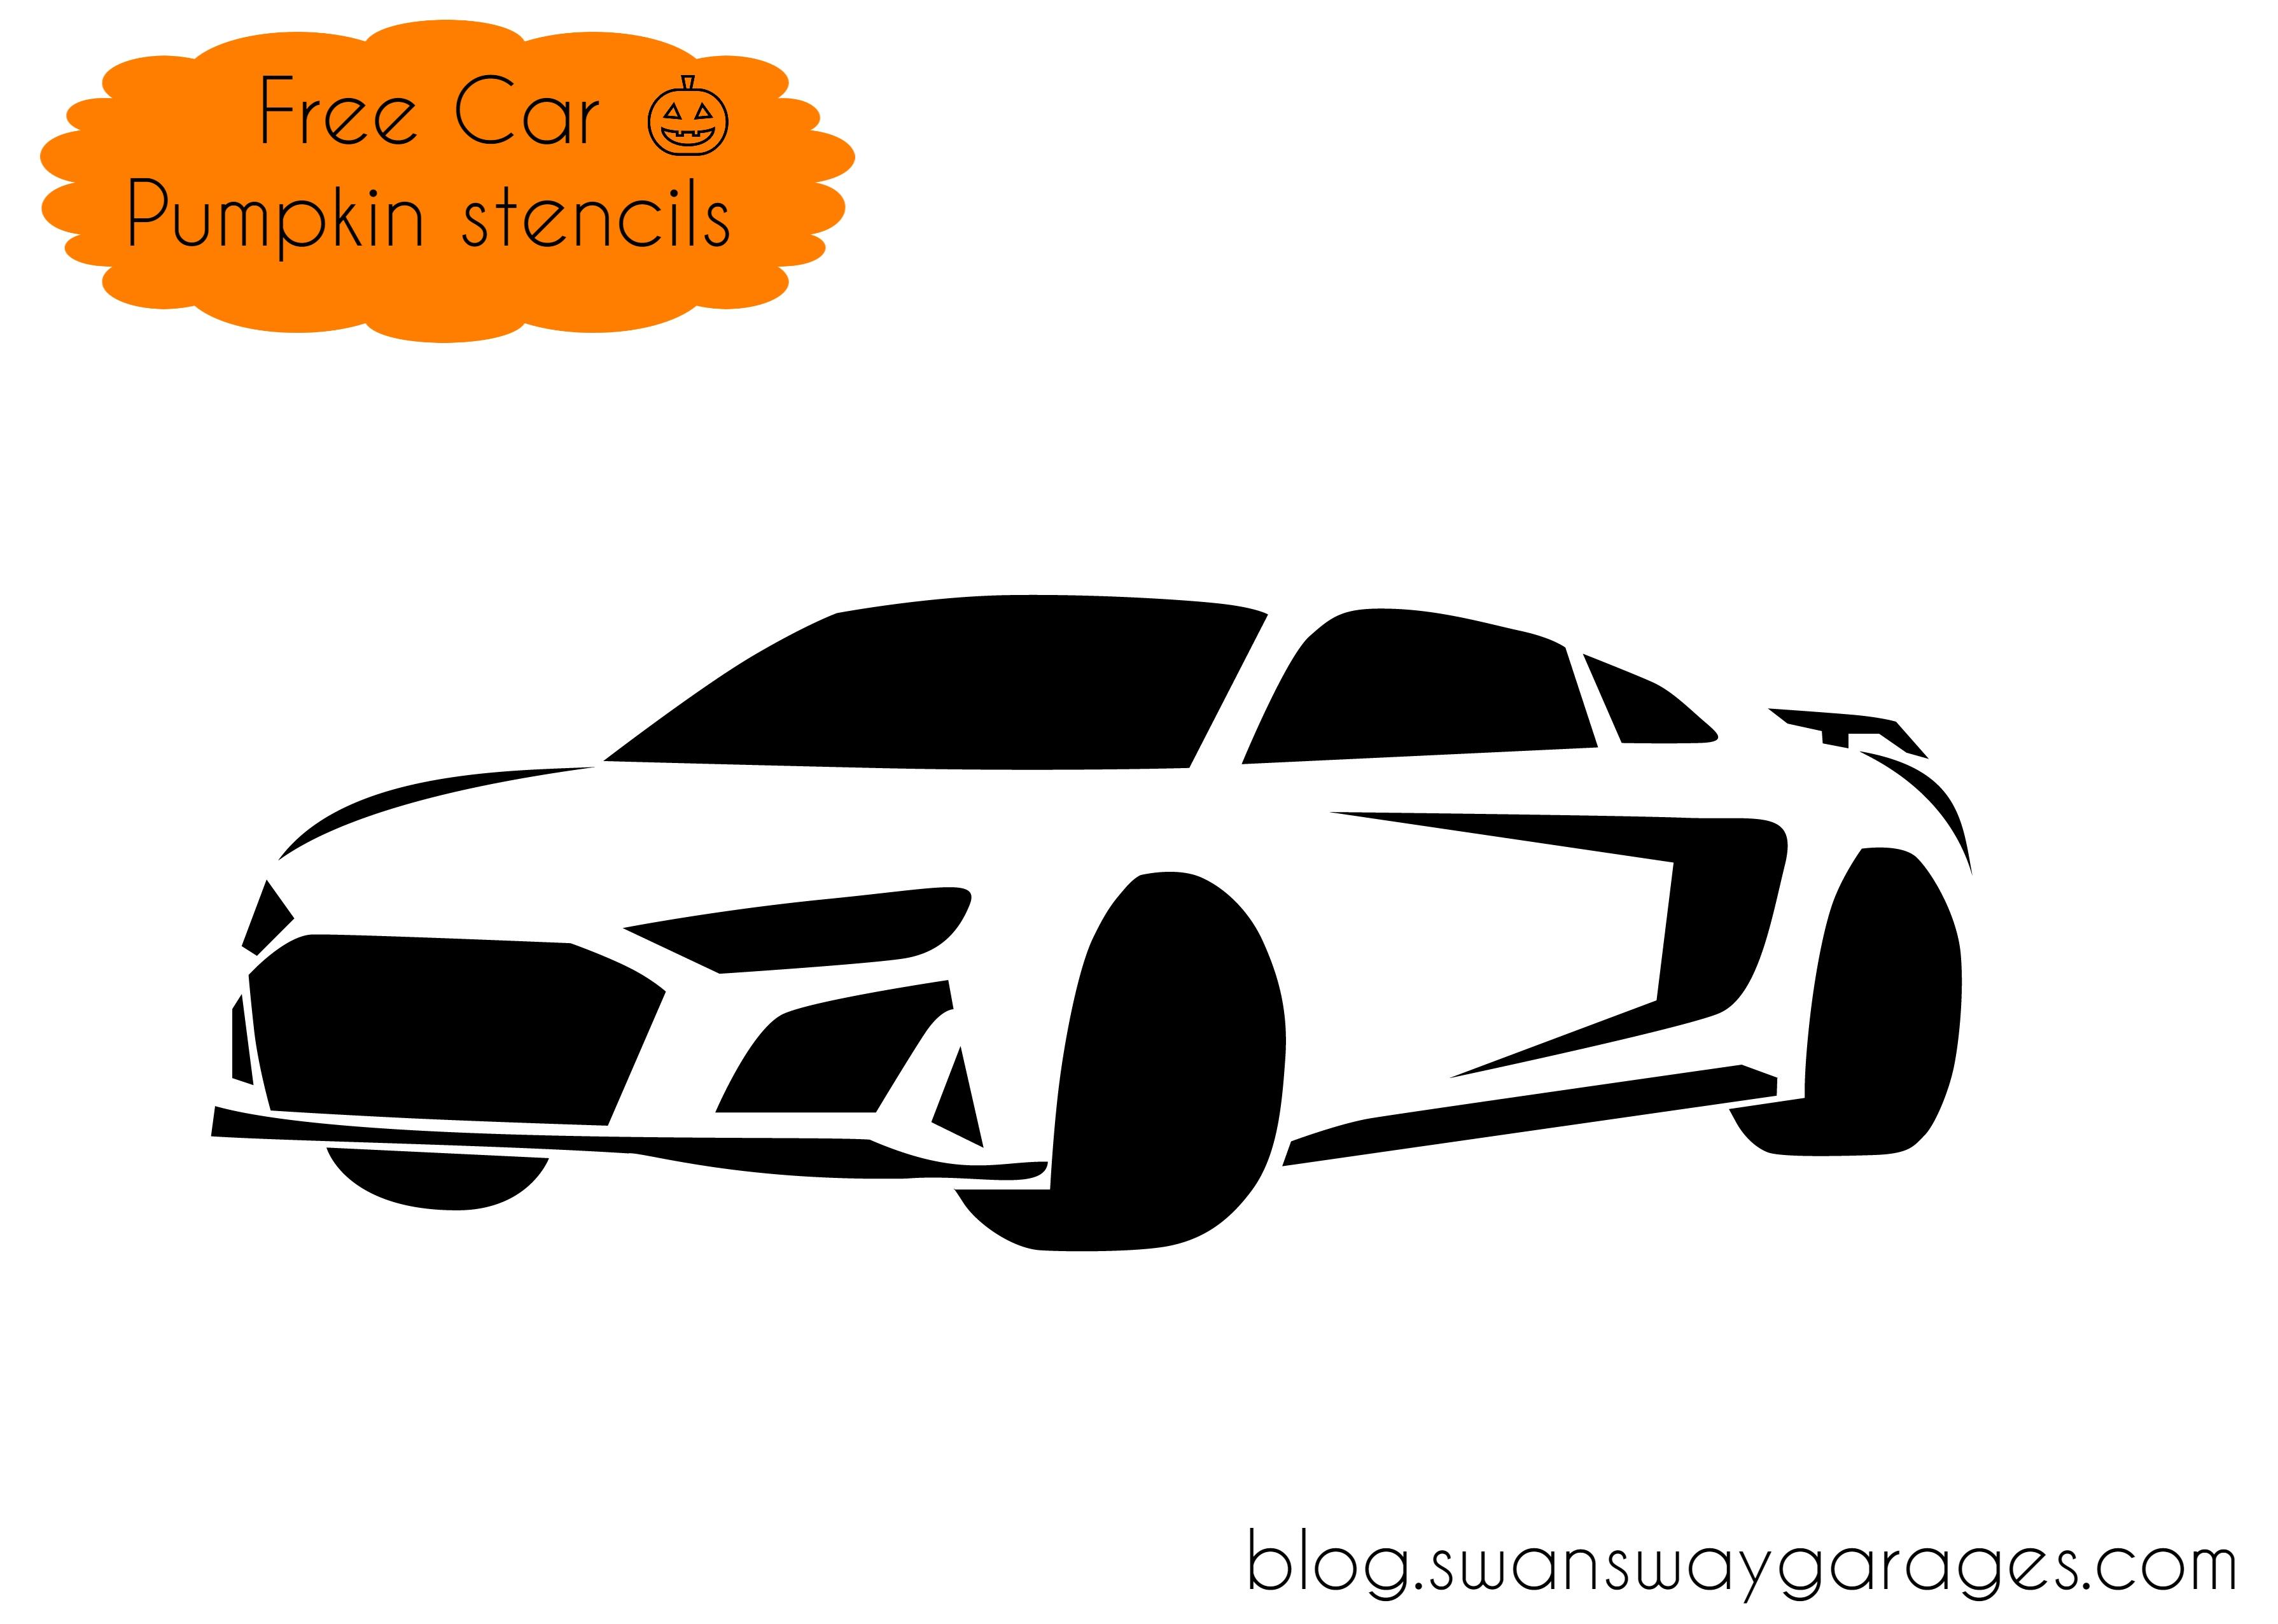 Audi R8 pumpkin stencil